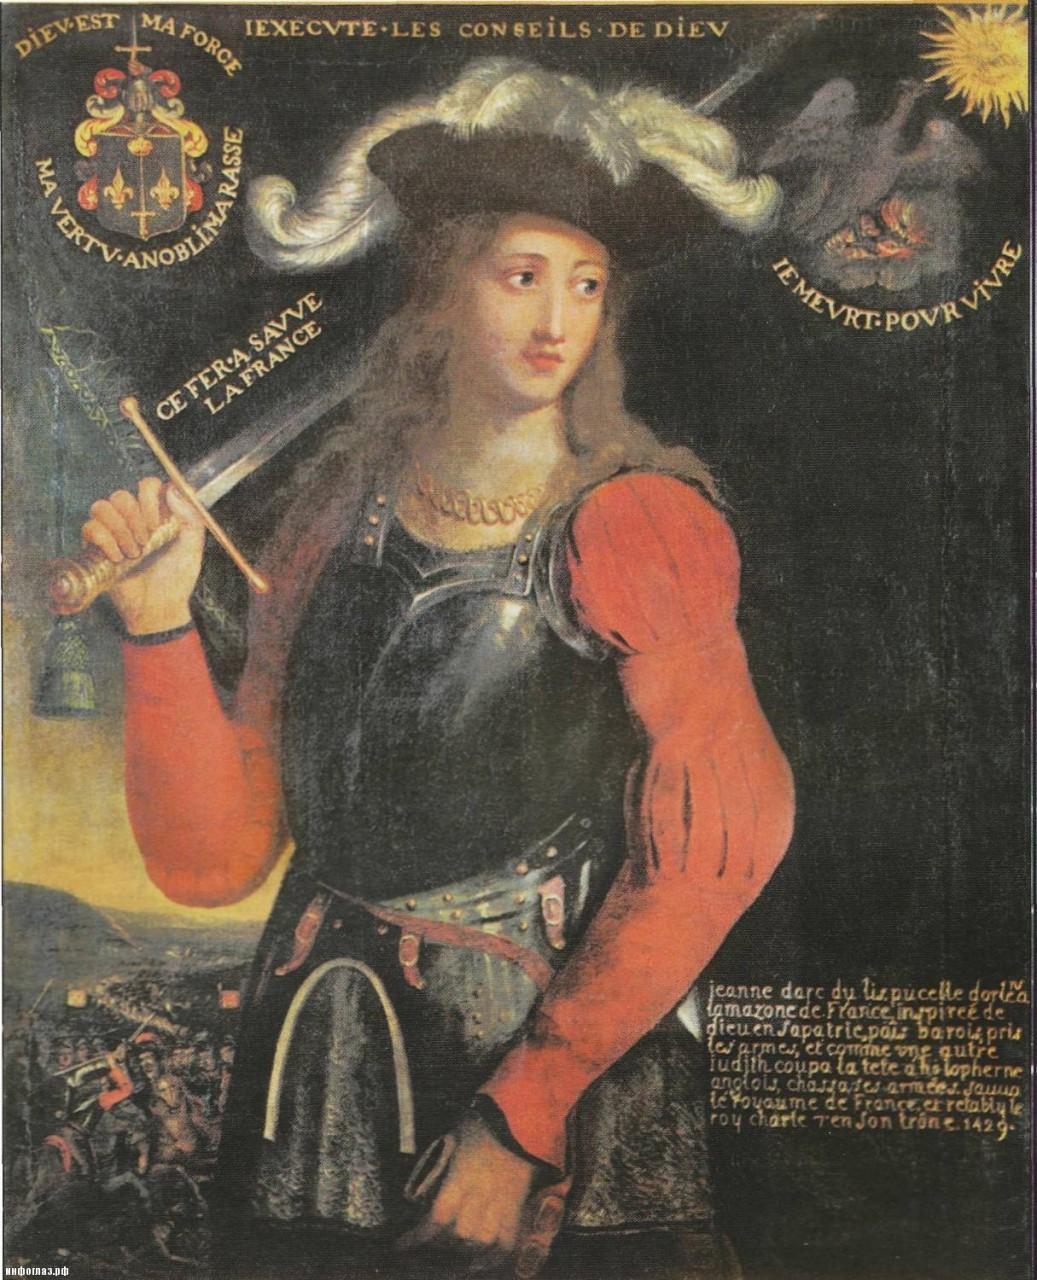 Жанна д ' Арк - болгарский святой мученик bogumil - катари из генеалогия последнего merovingov принца sihiper, который является кан isperih